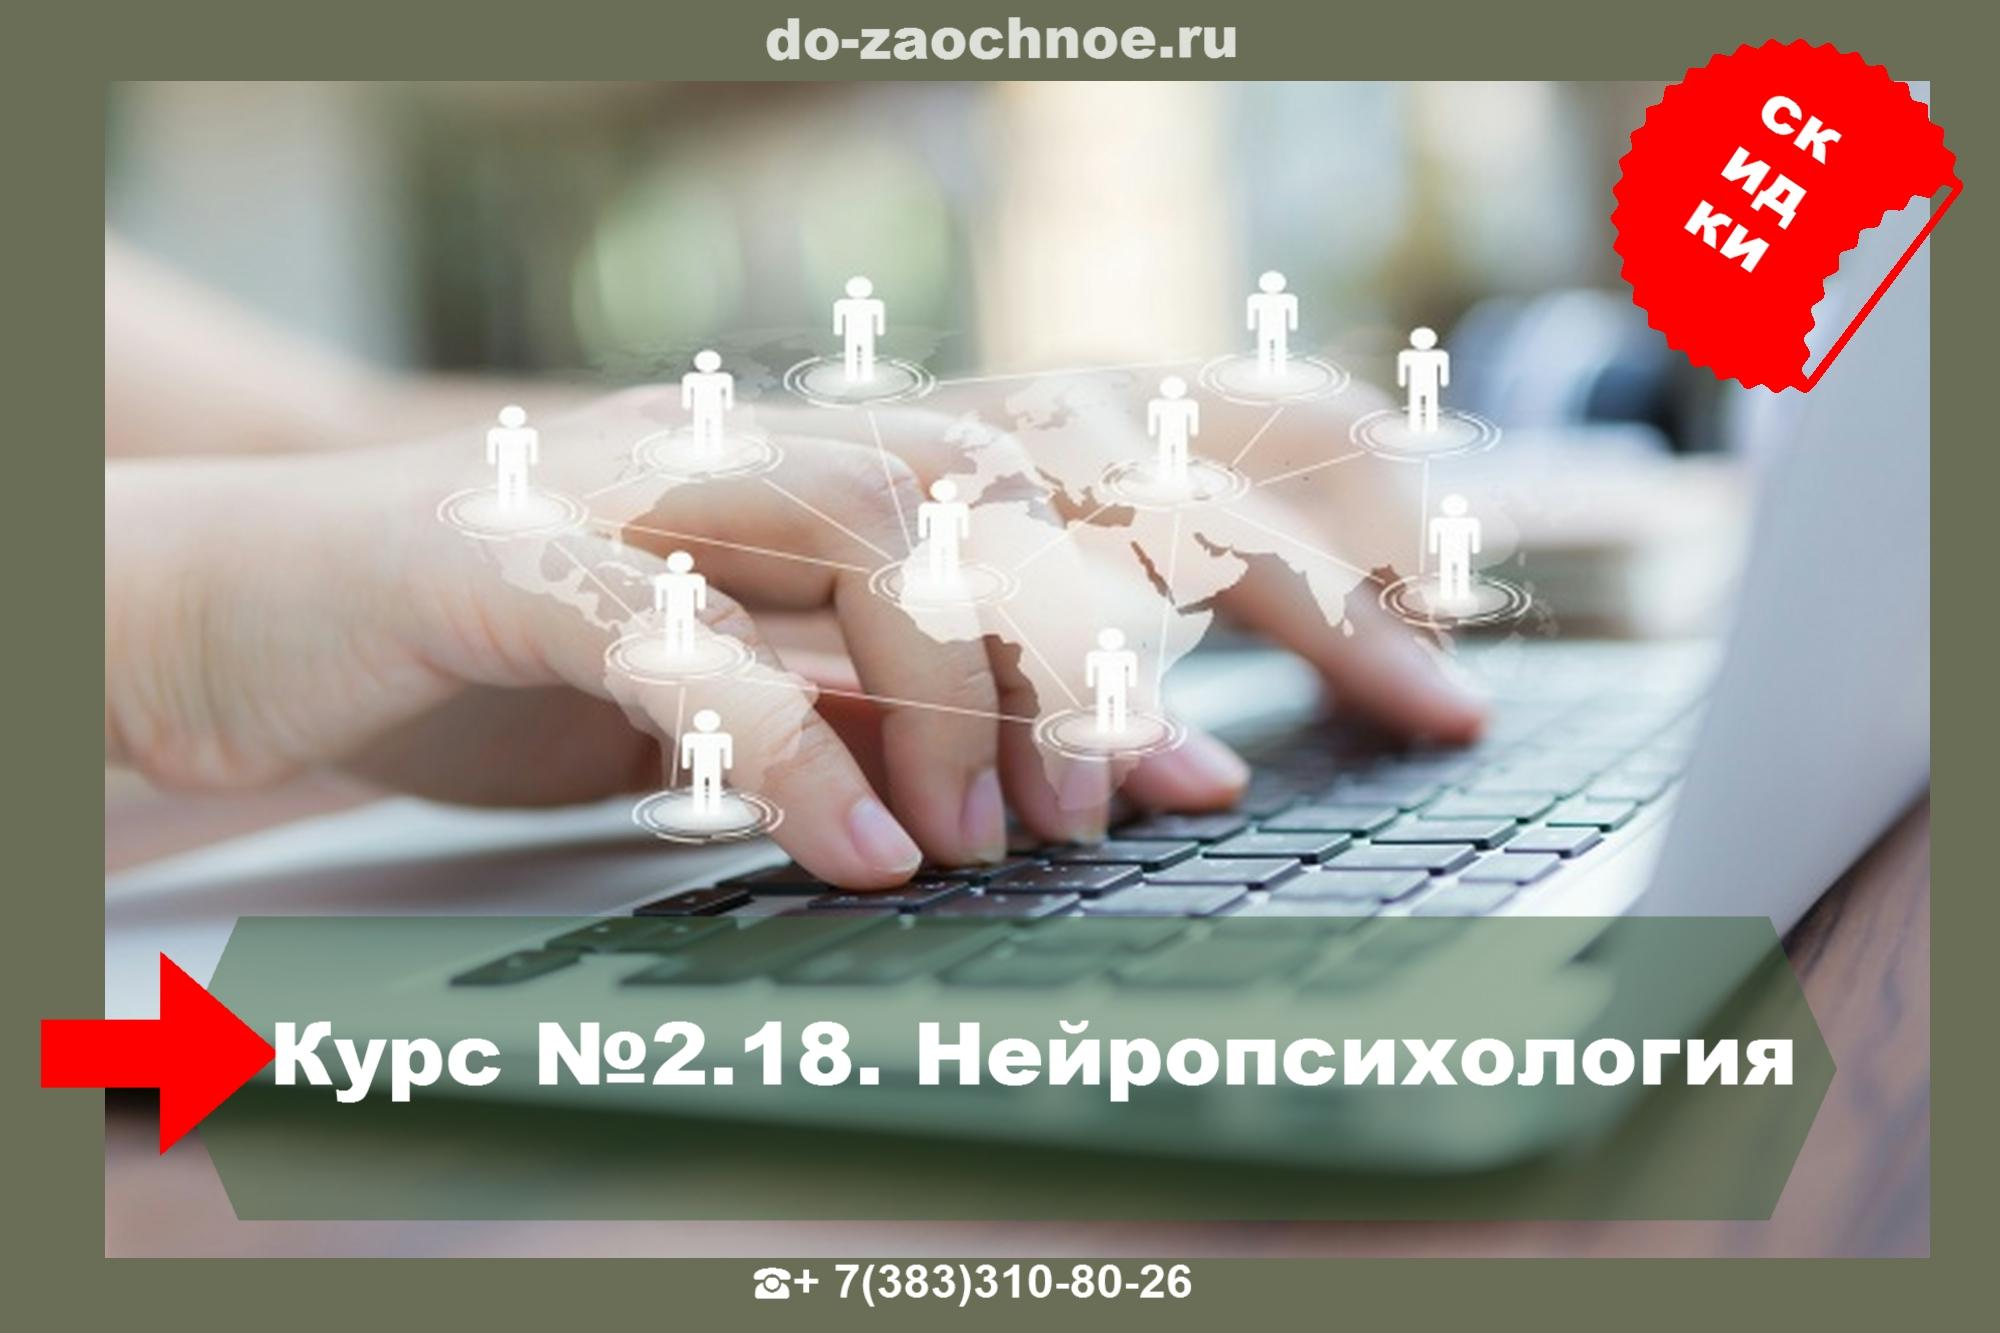 ИДПК# Дистанционные курсы#Нейропсихология на do-zaochnoe.ru ТУТ!